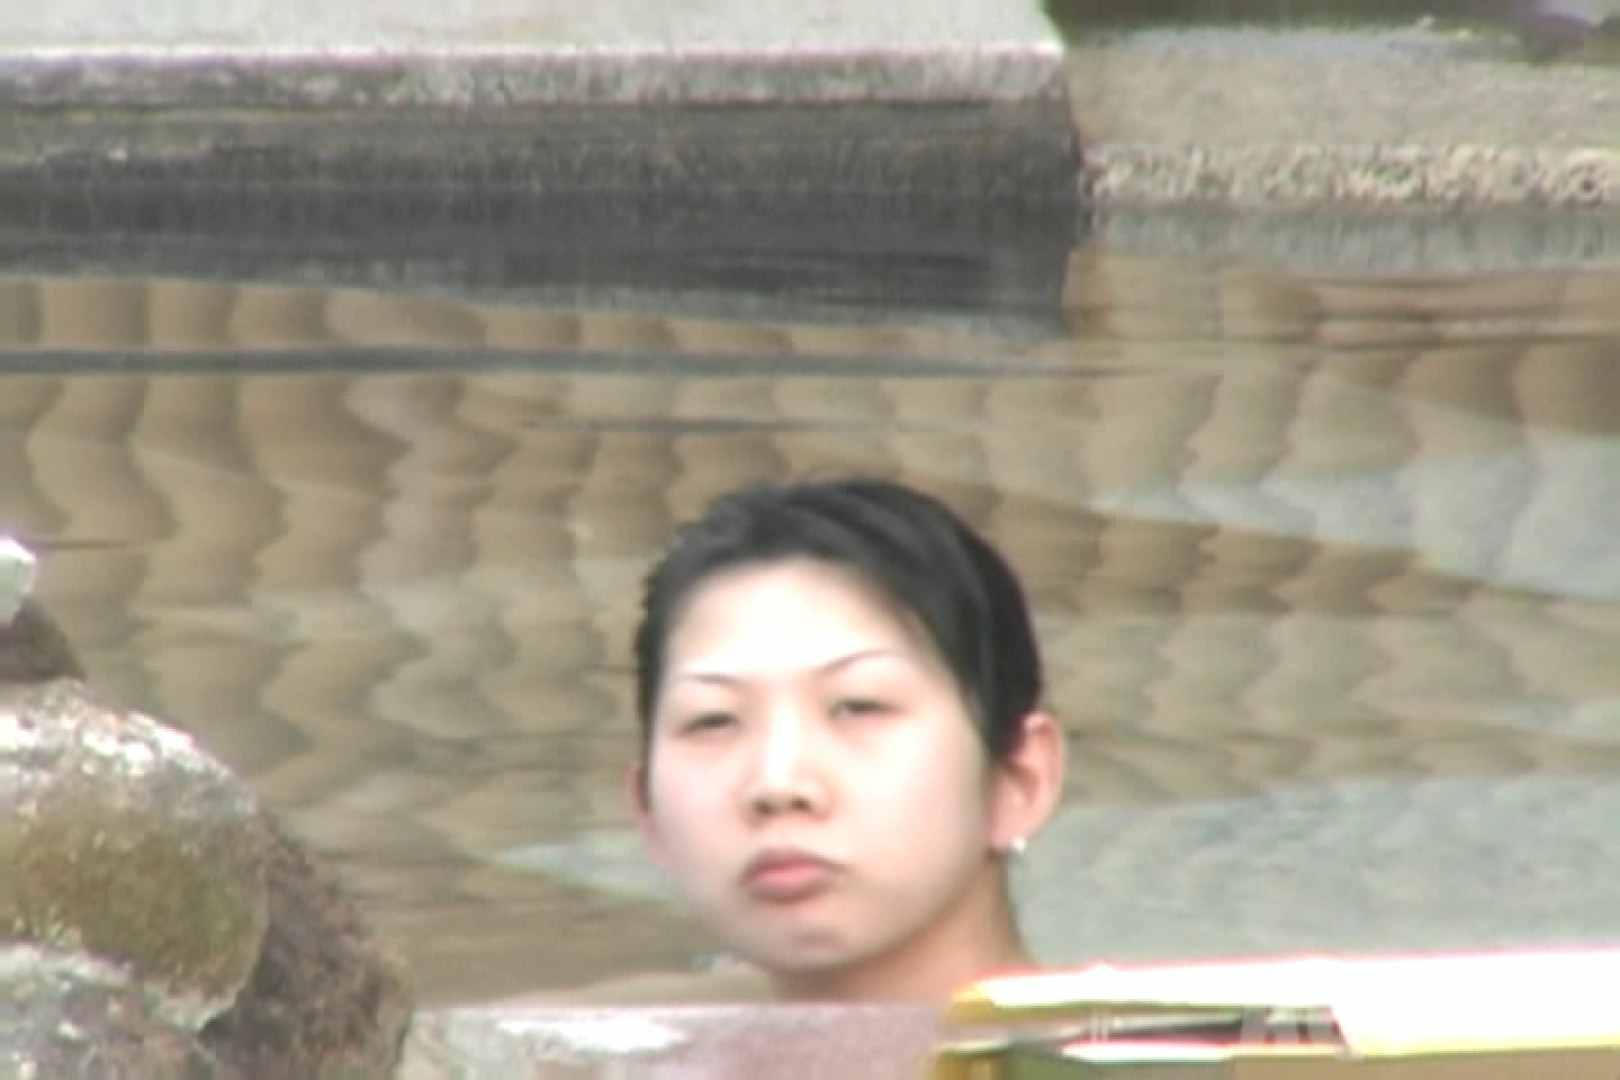 Aquaな露天風呂Vol.850 OLのエロ生活  76連発 57